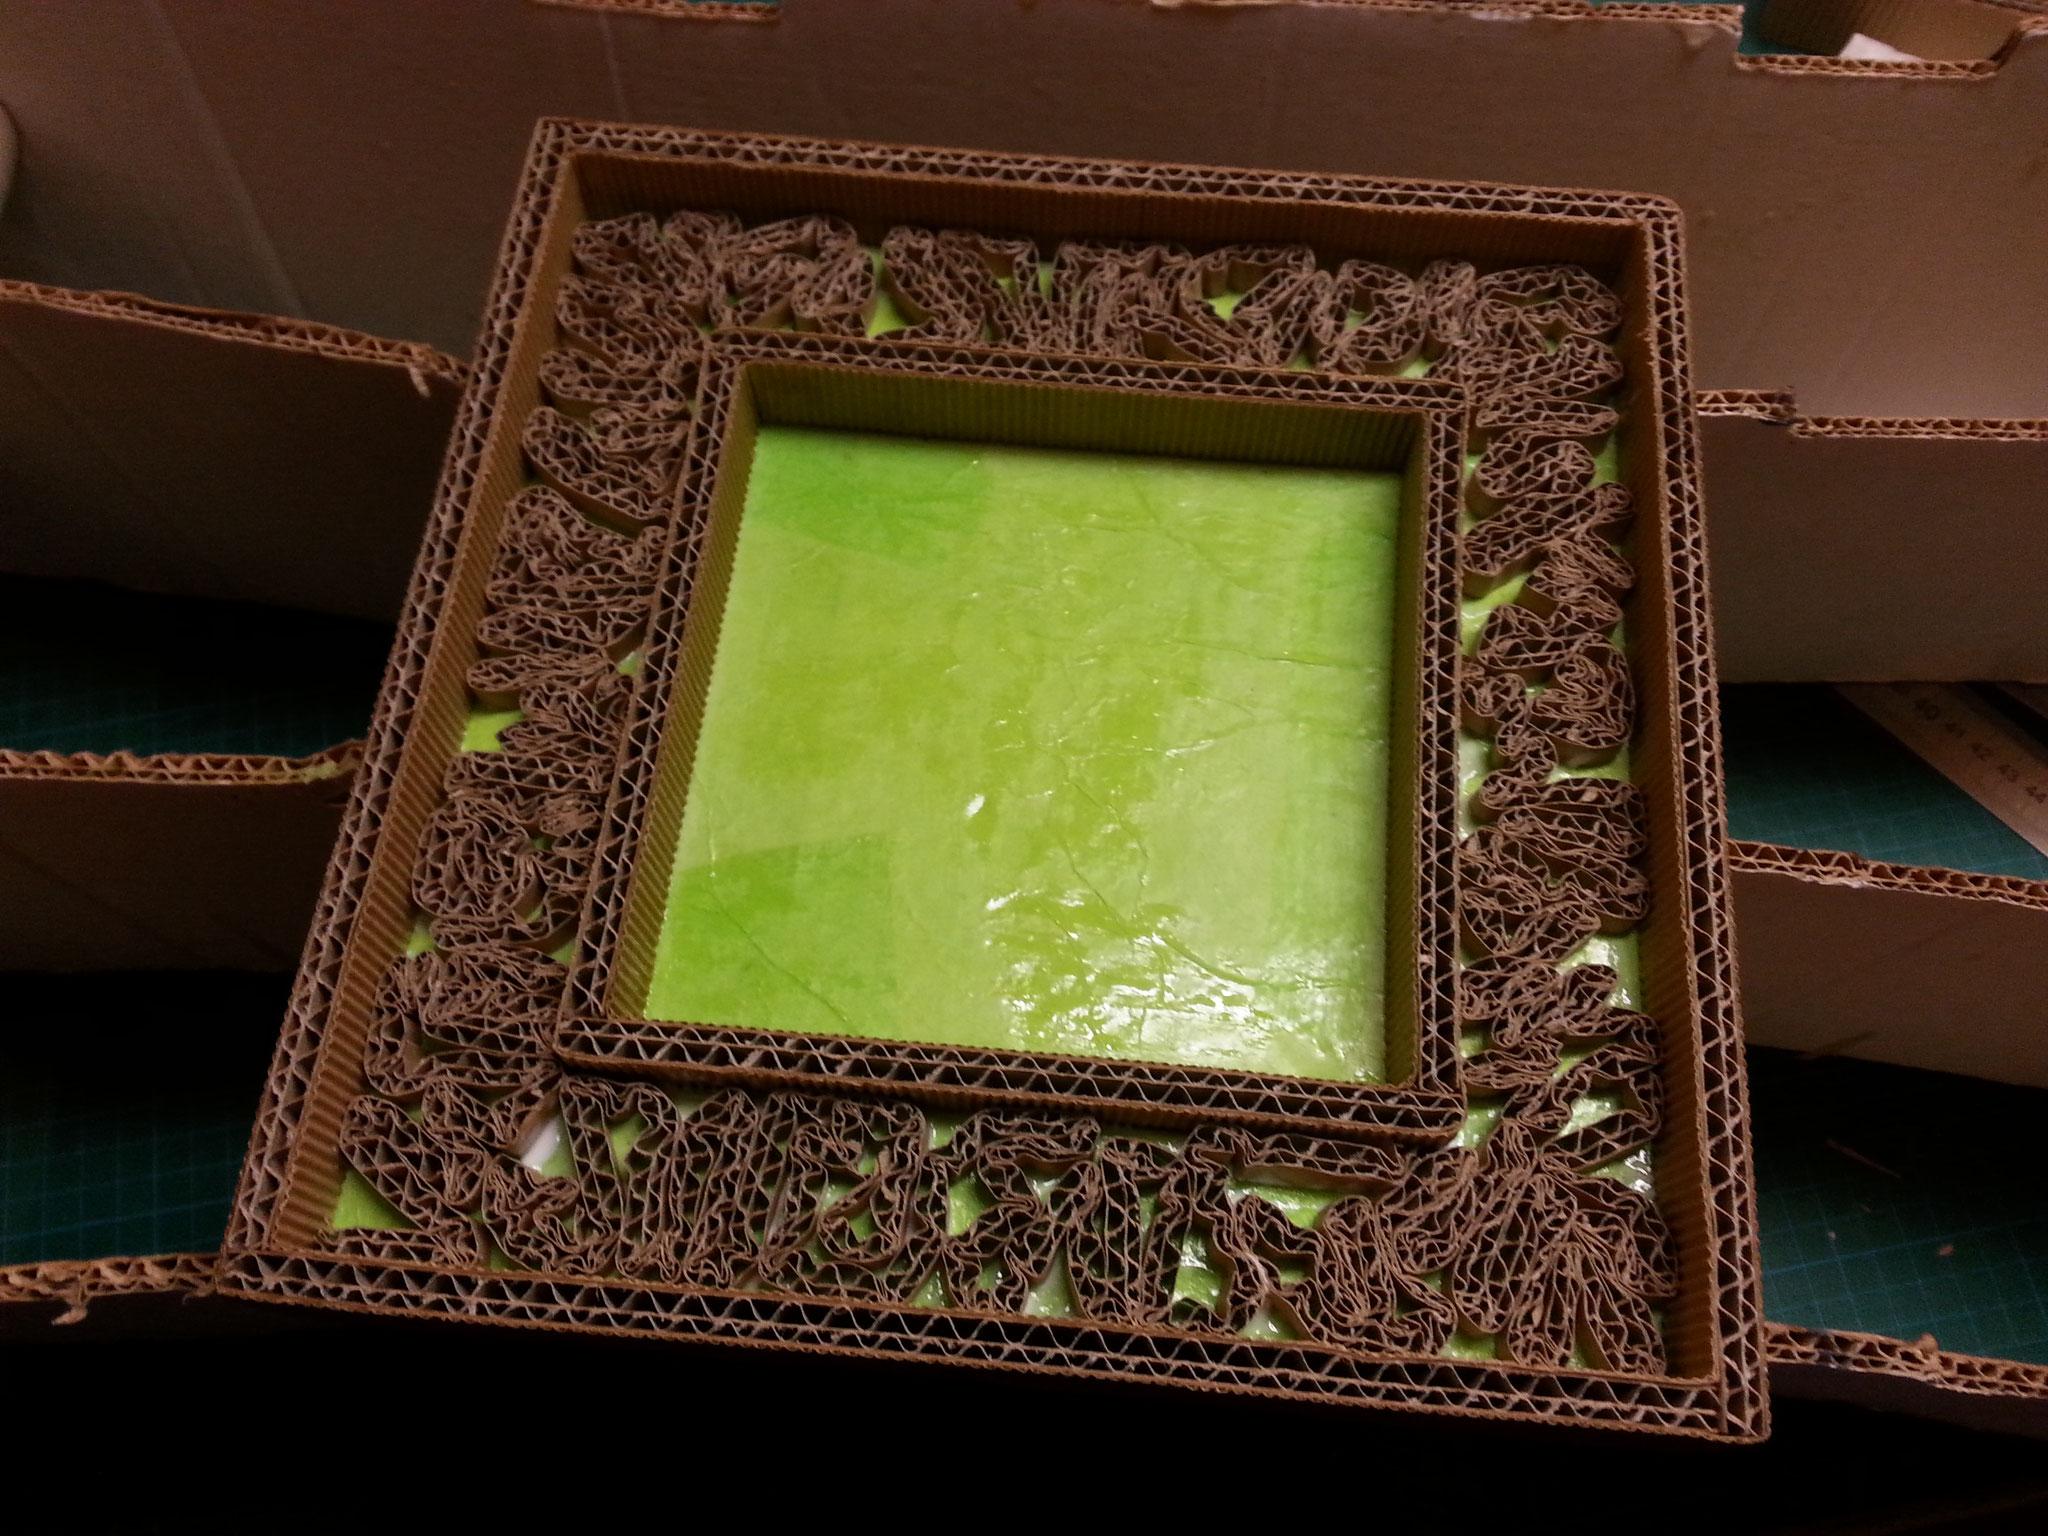 recouvrir dune couche de vernis les parties en carton ondulé ( les bordures intérieurs et extérieurs de l'encadrement).